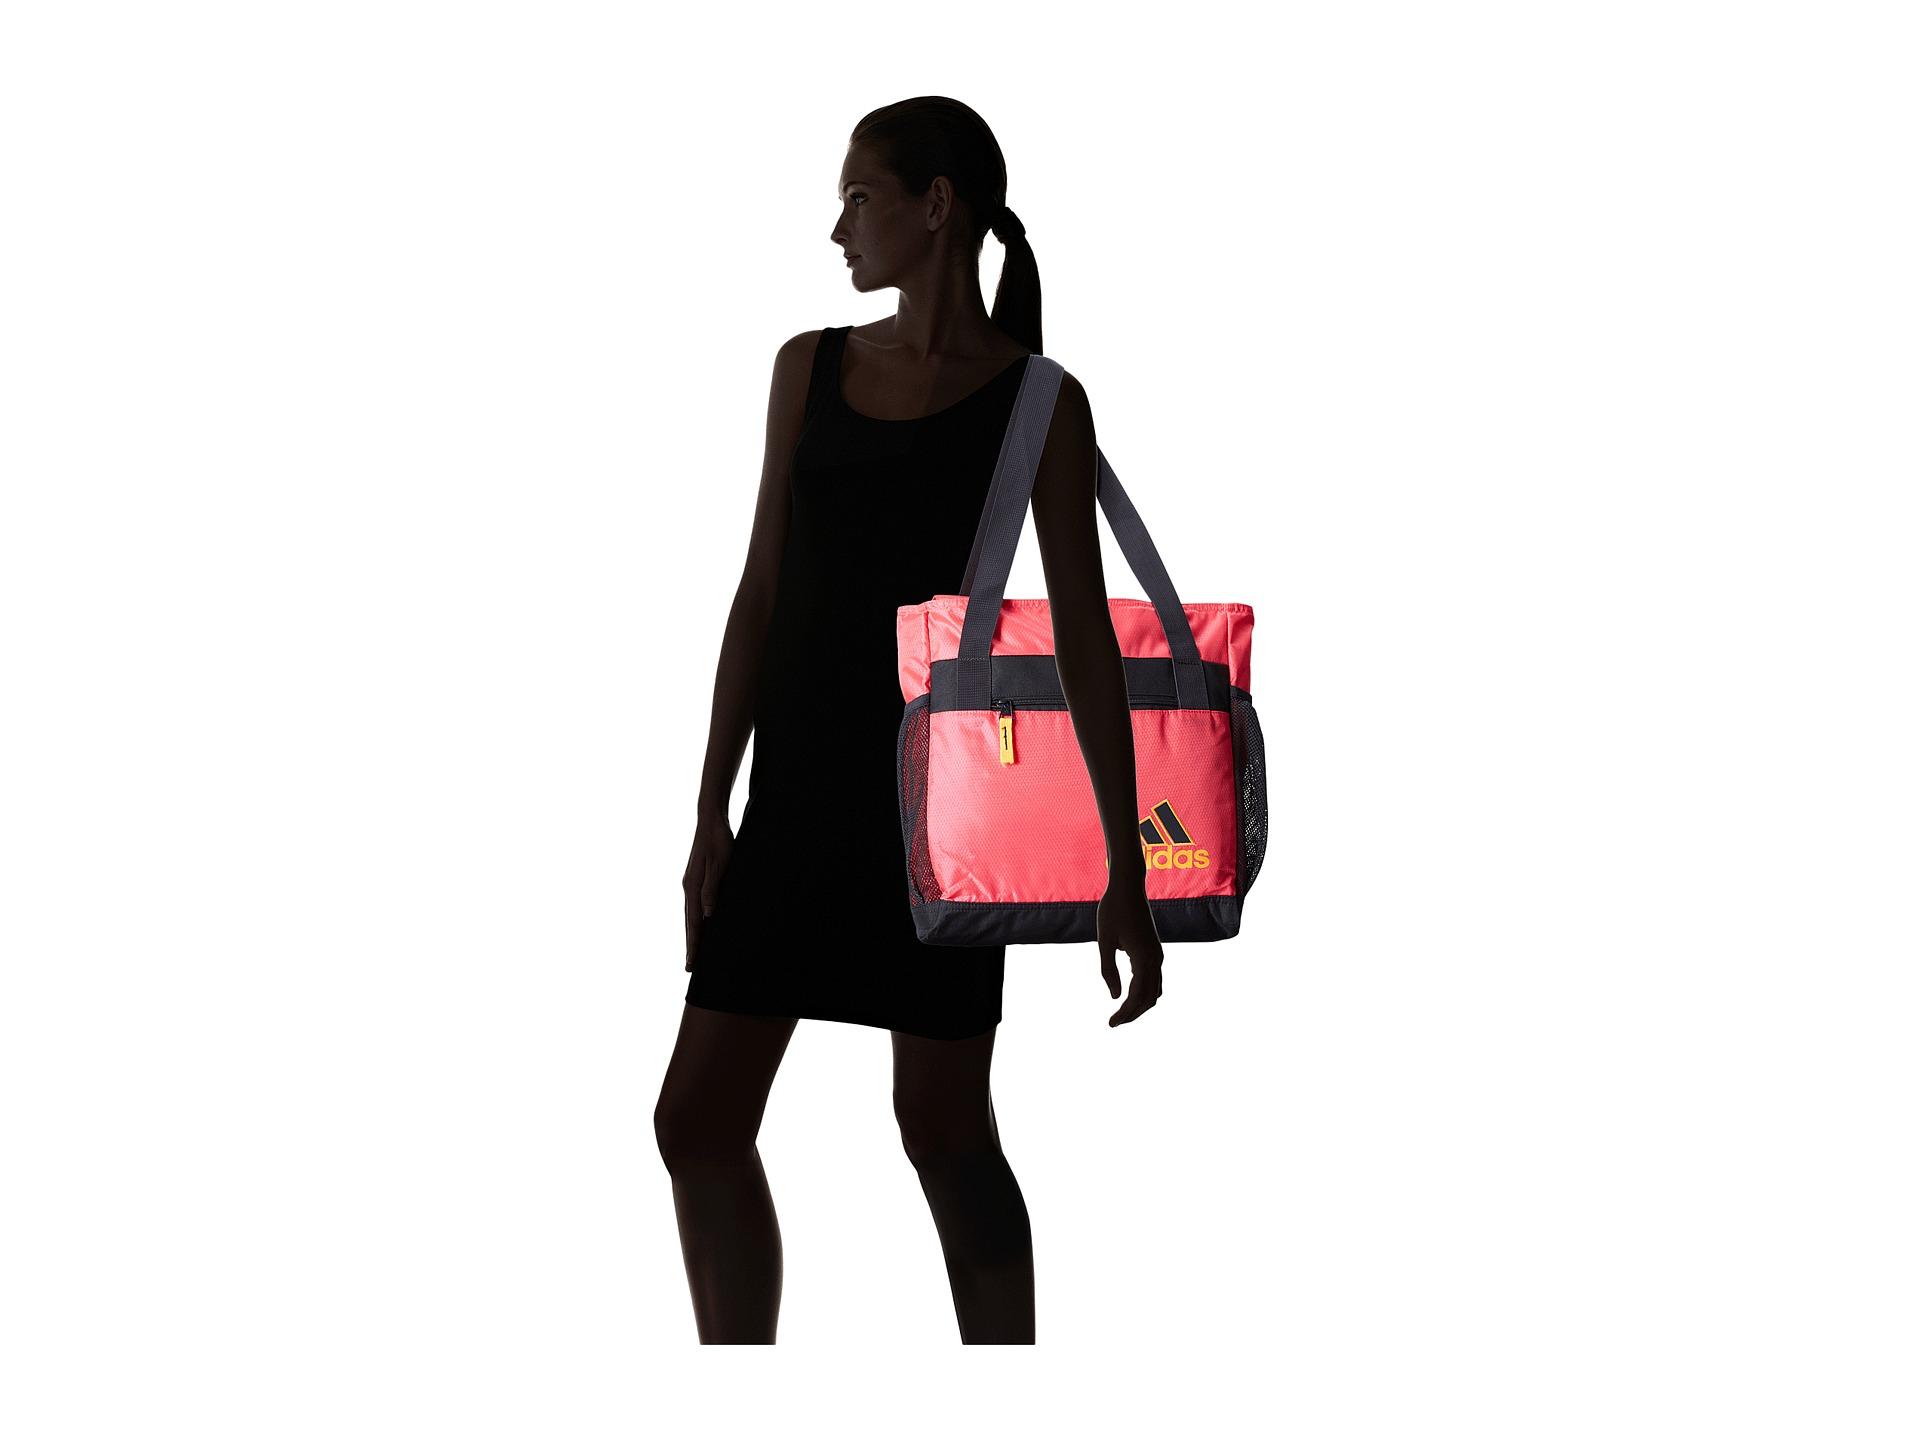 8a6dbd0add1a Lyst - Adidas Squad Ii Club Bag in Pink